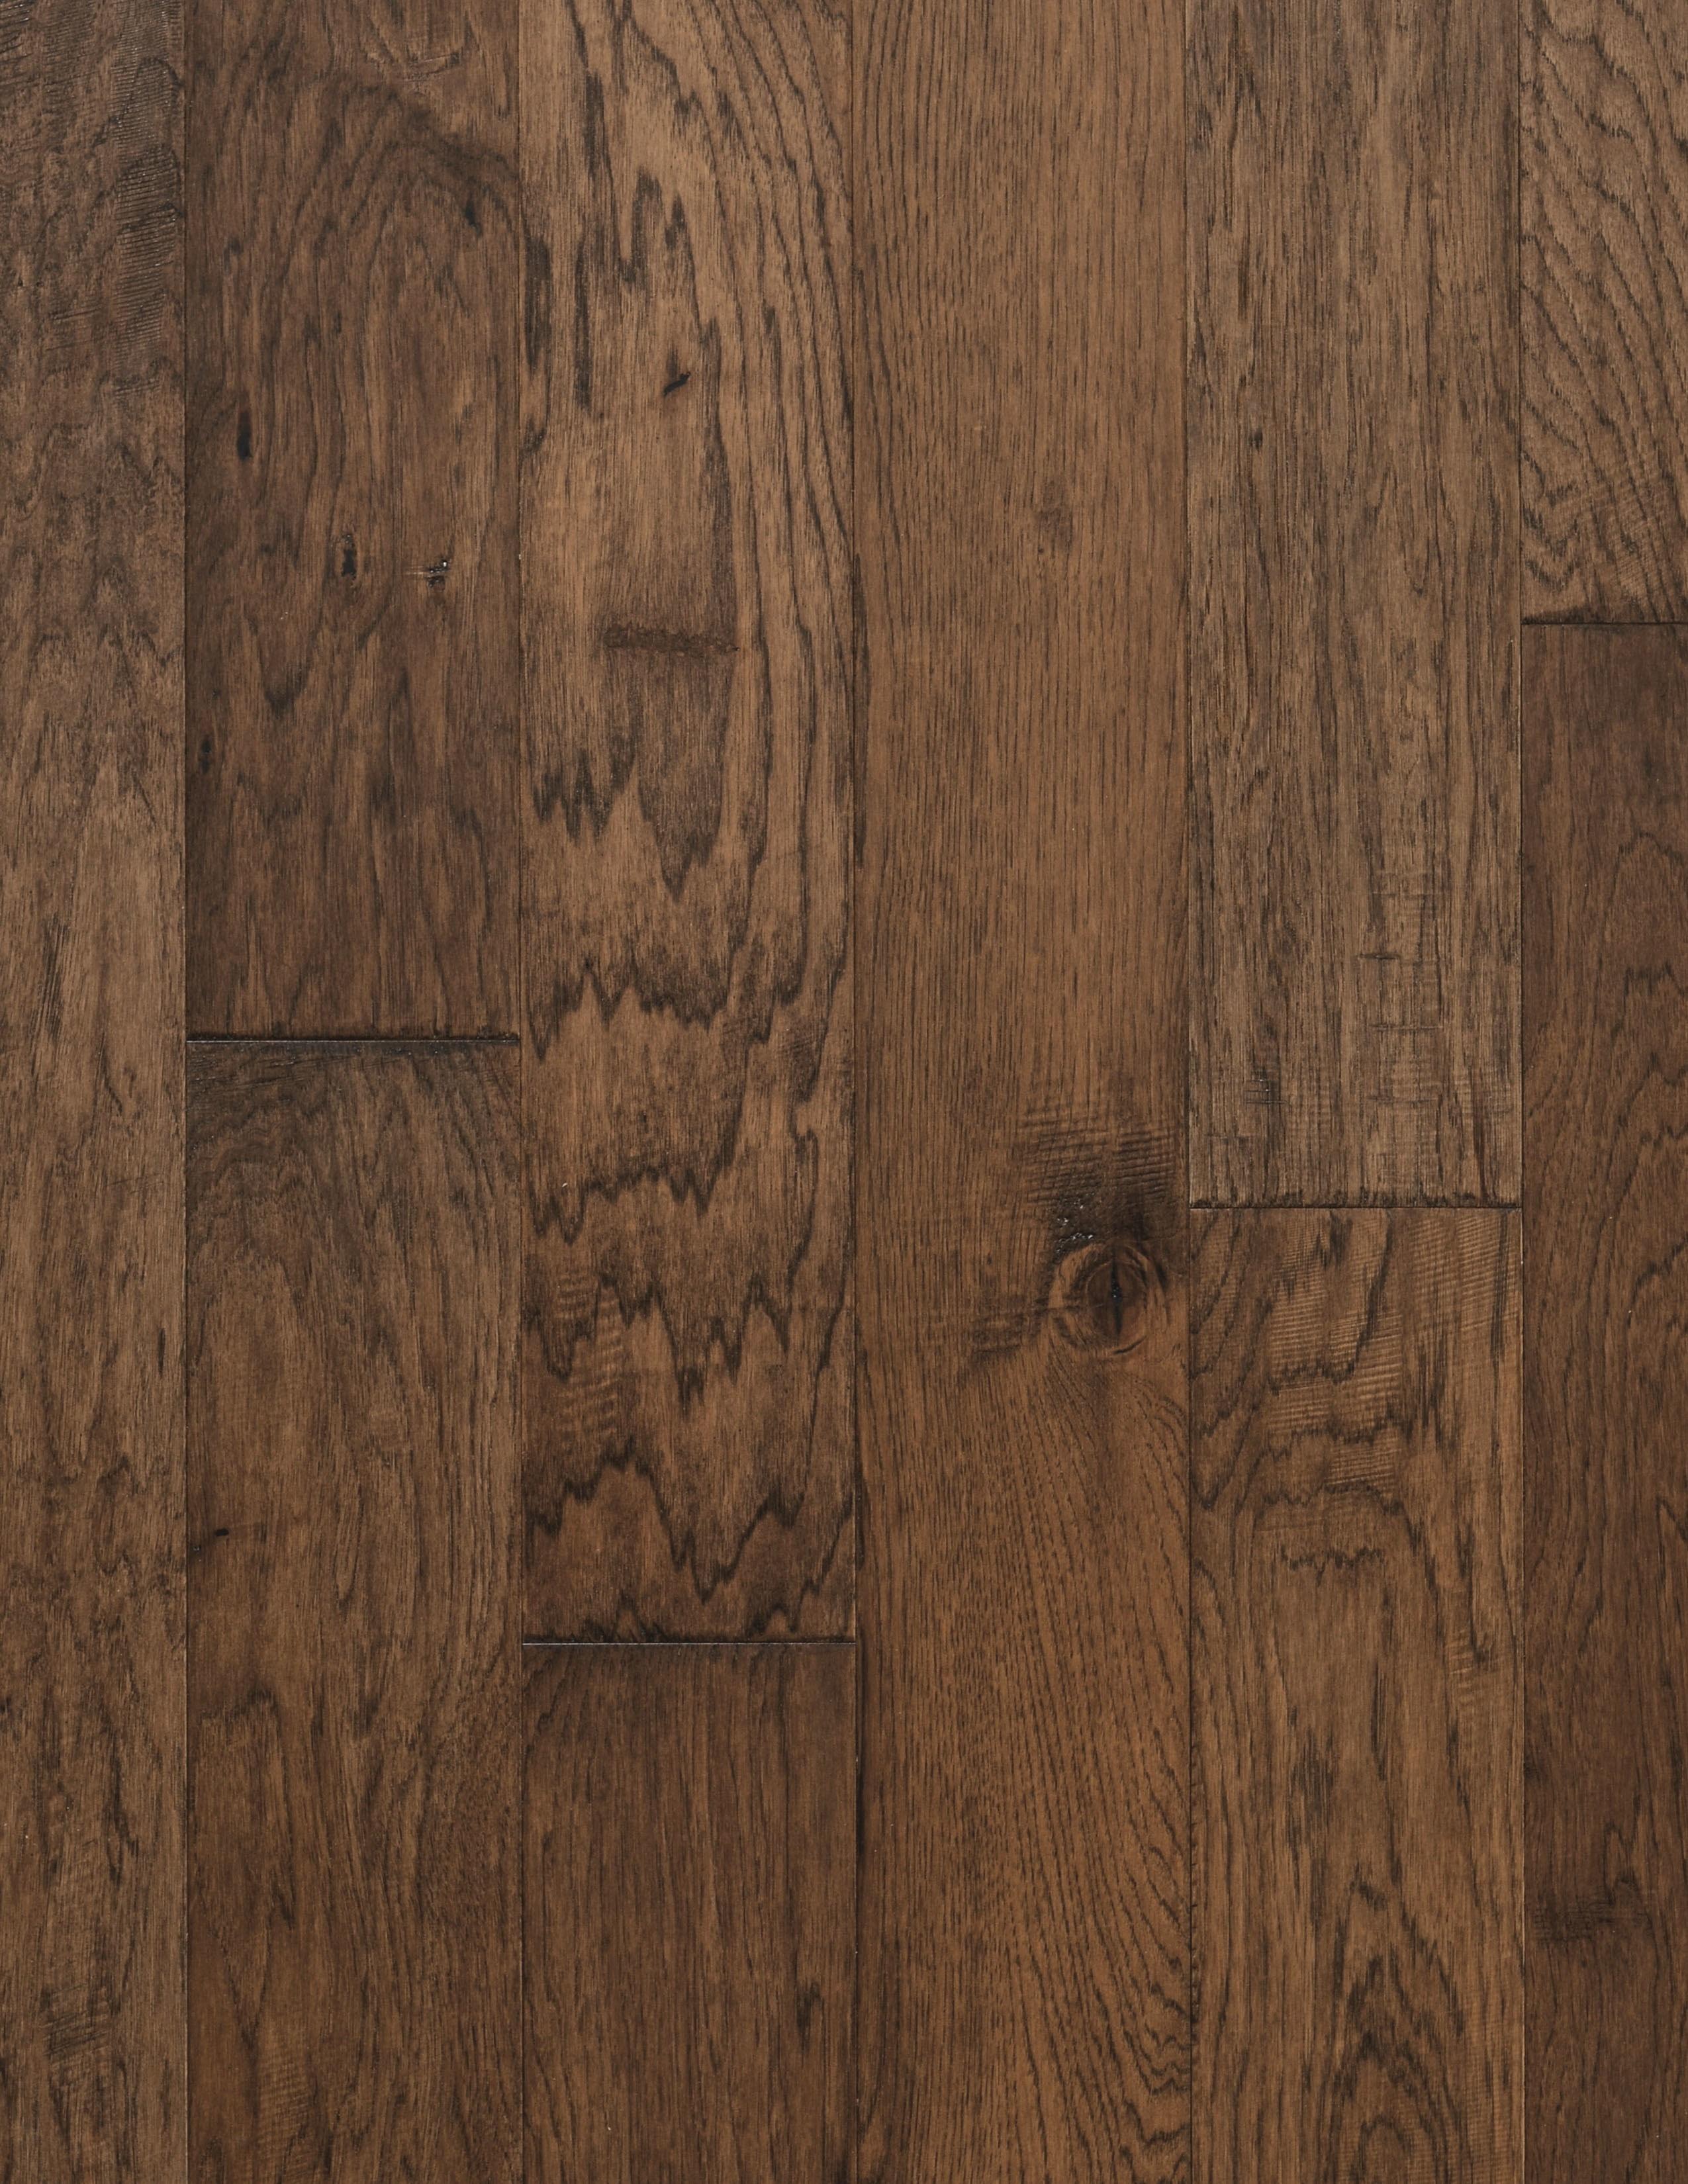 """Saddle / Hickory / 9 Coats UV Aluminum Oxide / ABCDE / 1/2"""" x 6.5"""" x R.L. Big Ass Wood Floors - El Dorado Collection 0"""